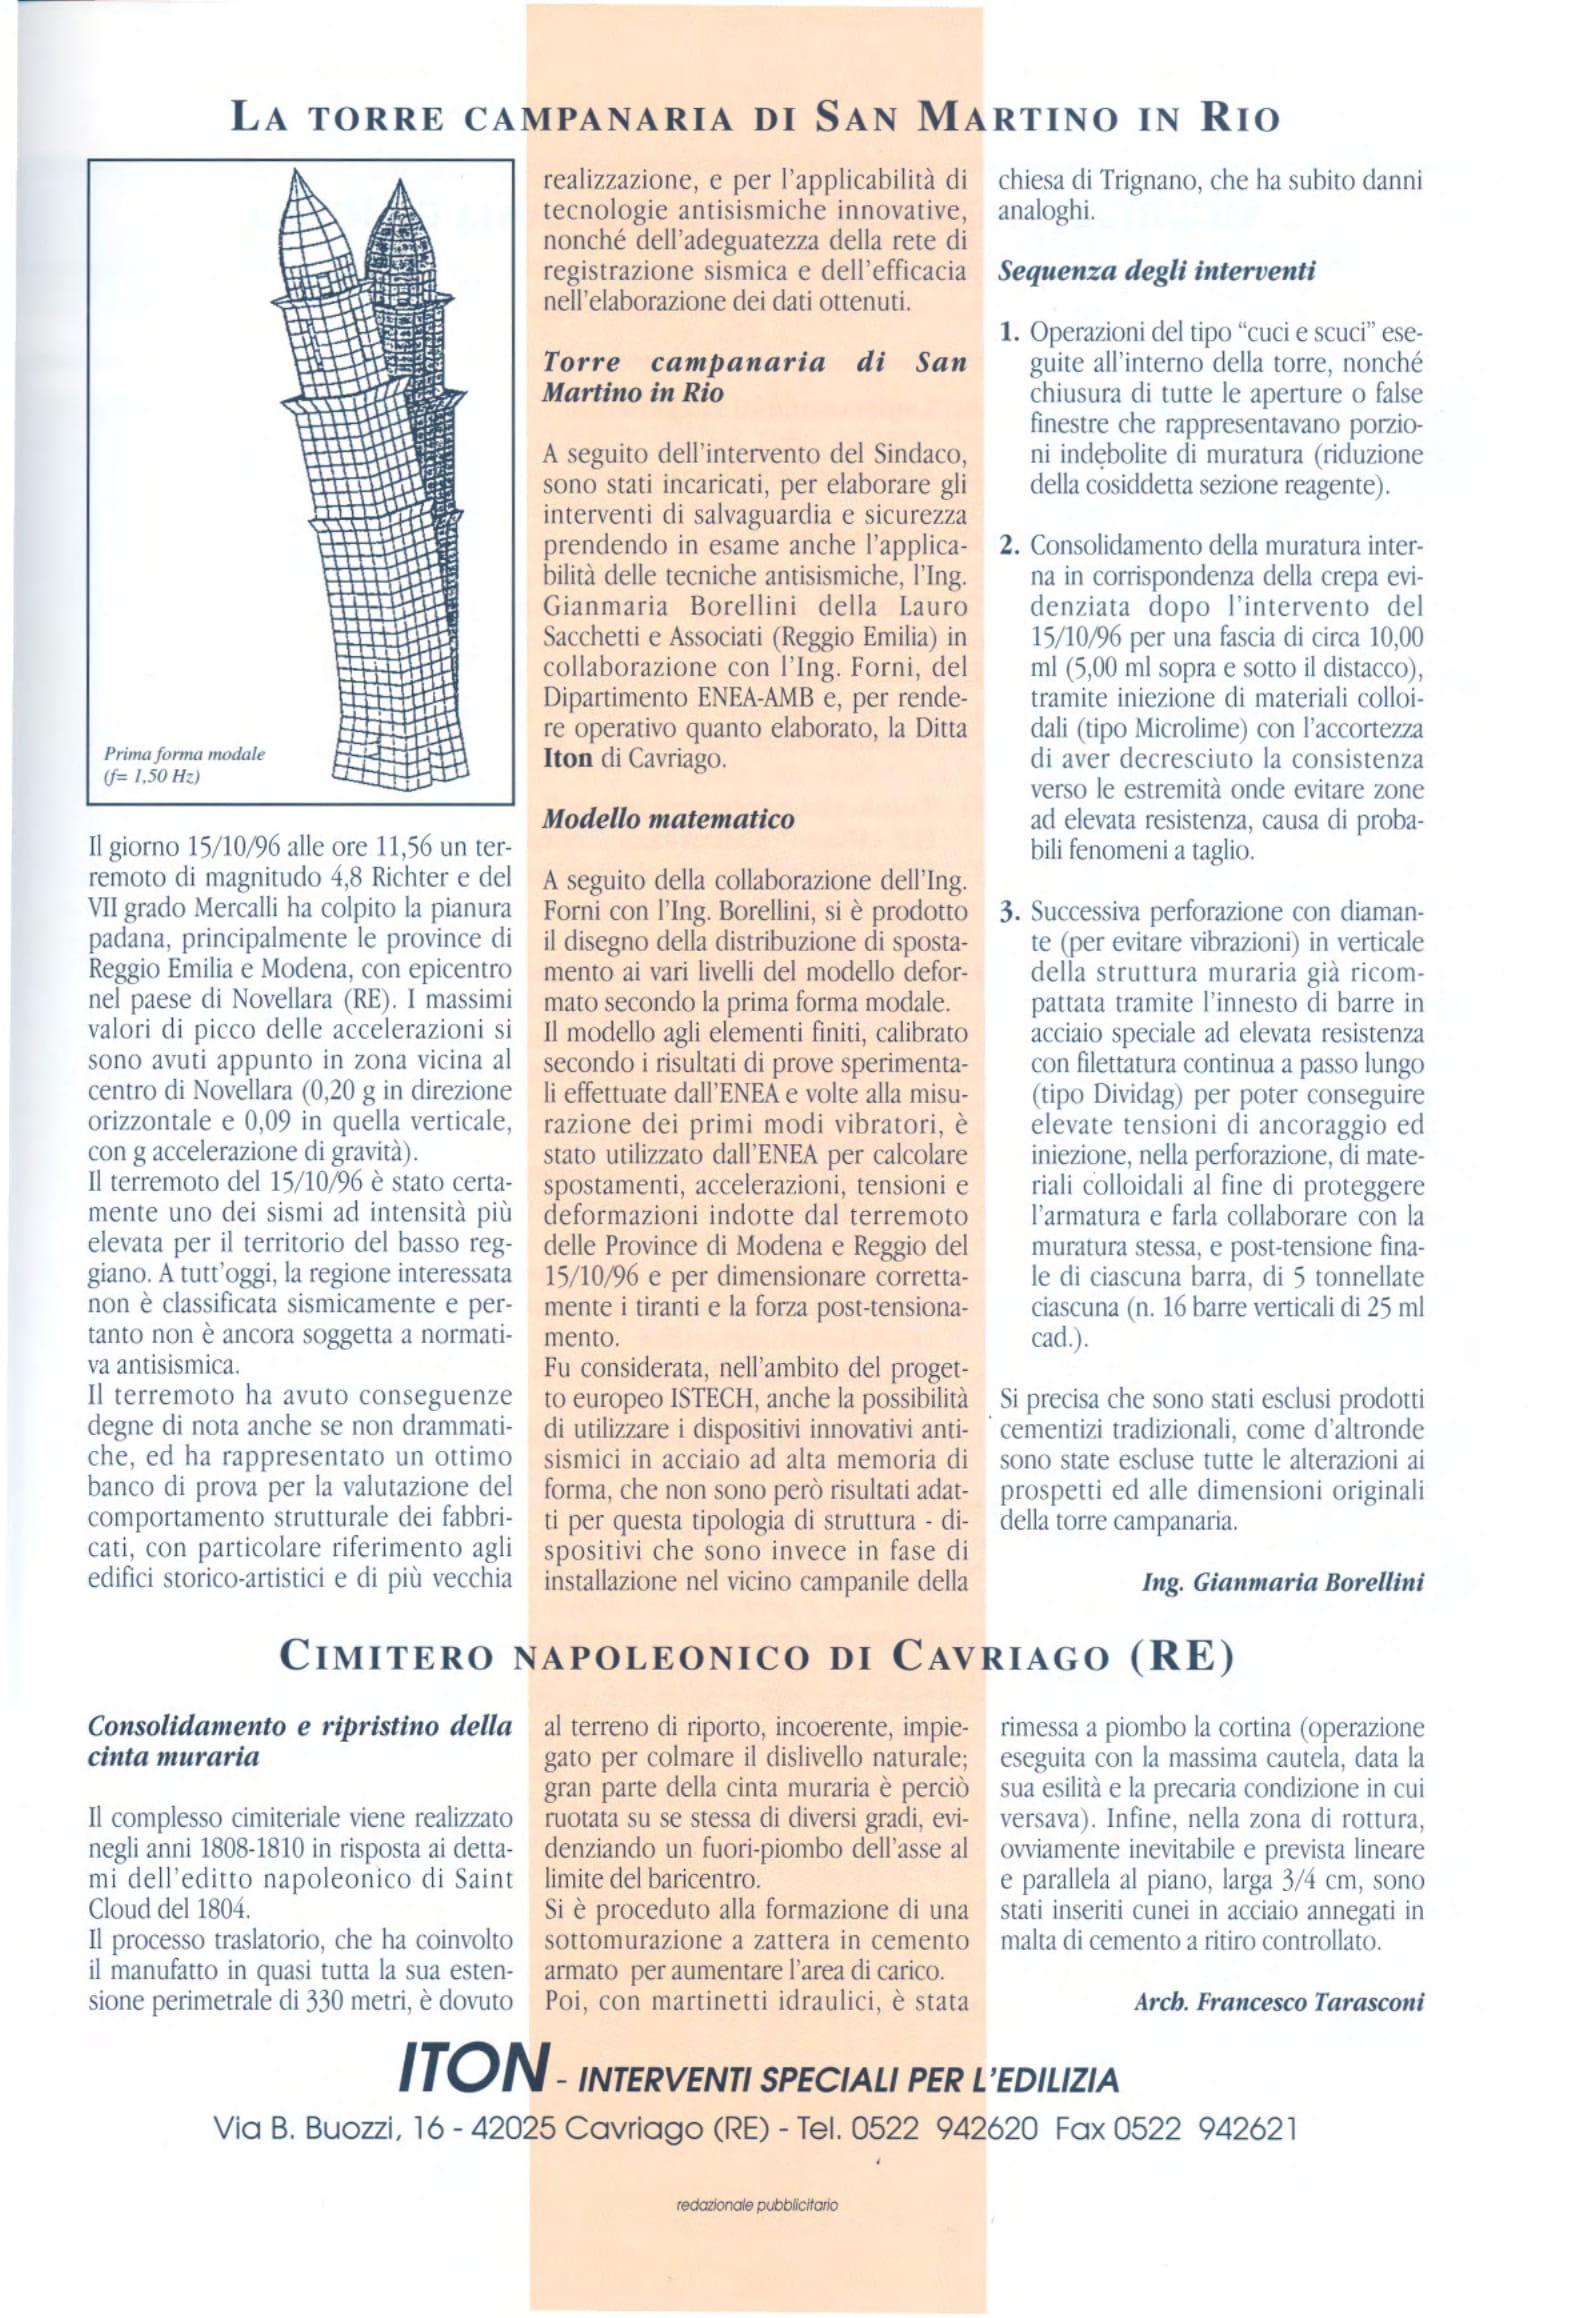 Ing. Carlo Dazzi - Un nuovo sistema di restauro strutturale, assieme ad ITON SRL